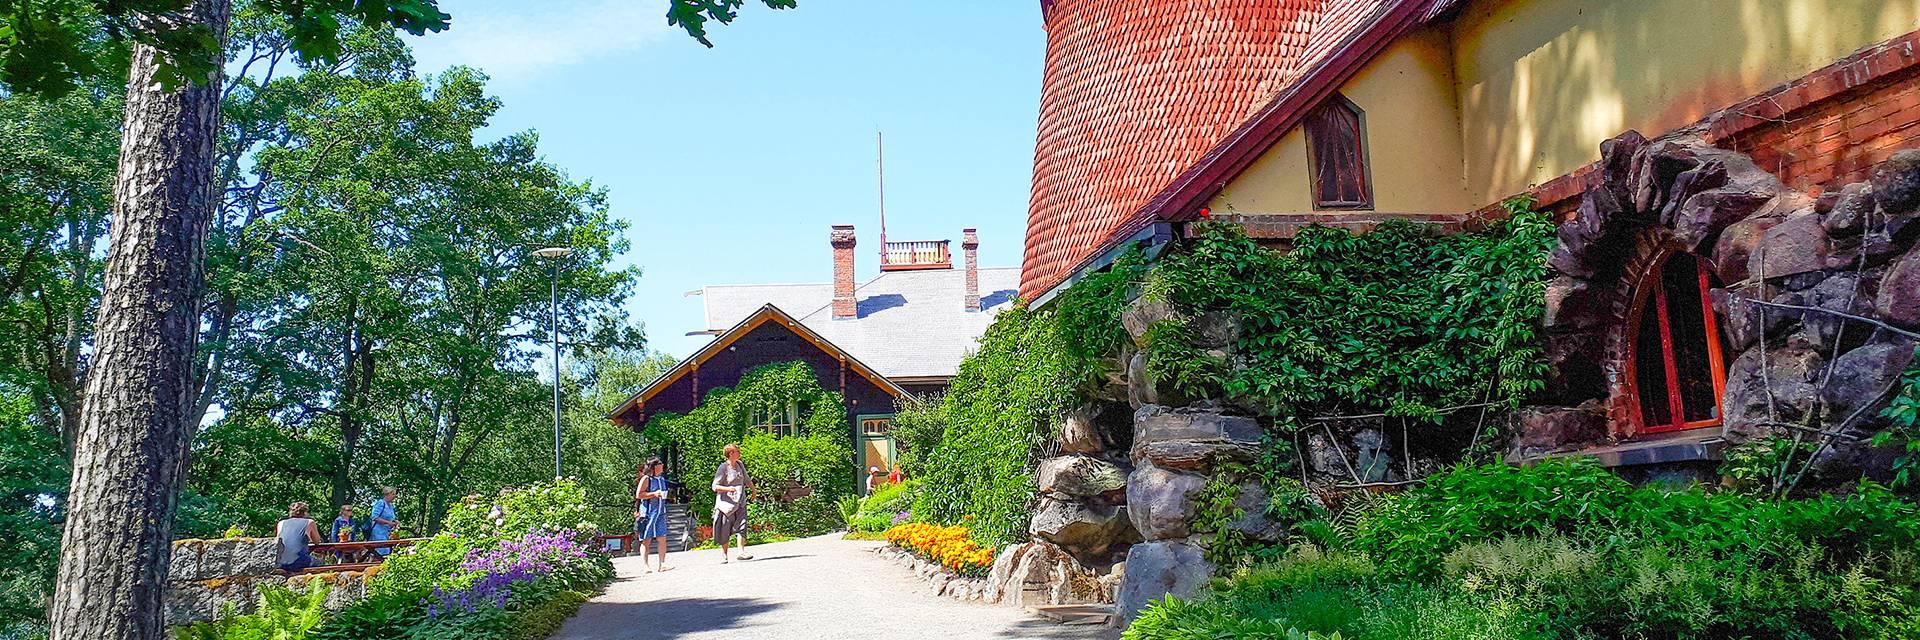 Visavuoren museon rakennukset Valkeakoskella